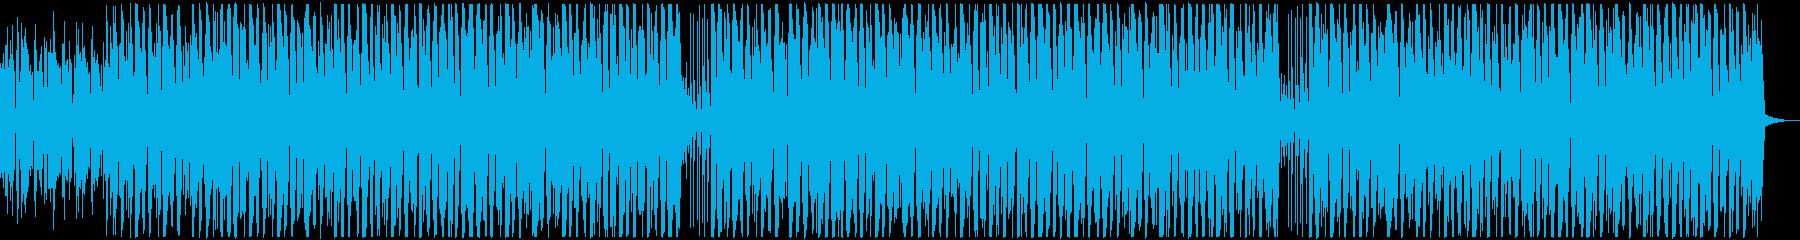 軽快で陽気なファンク の再生済みの波形